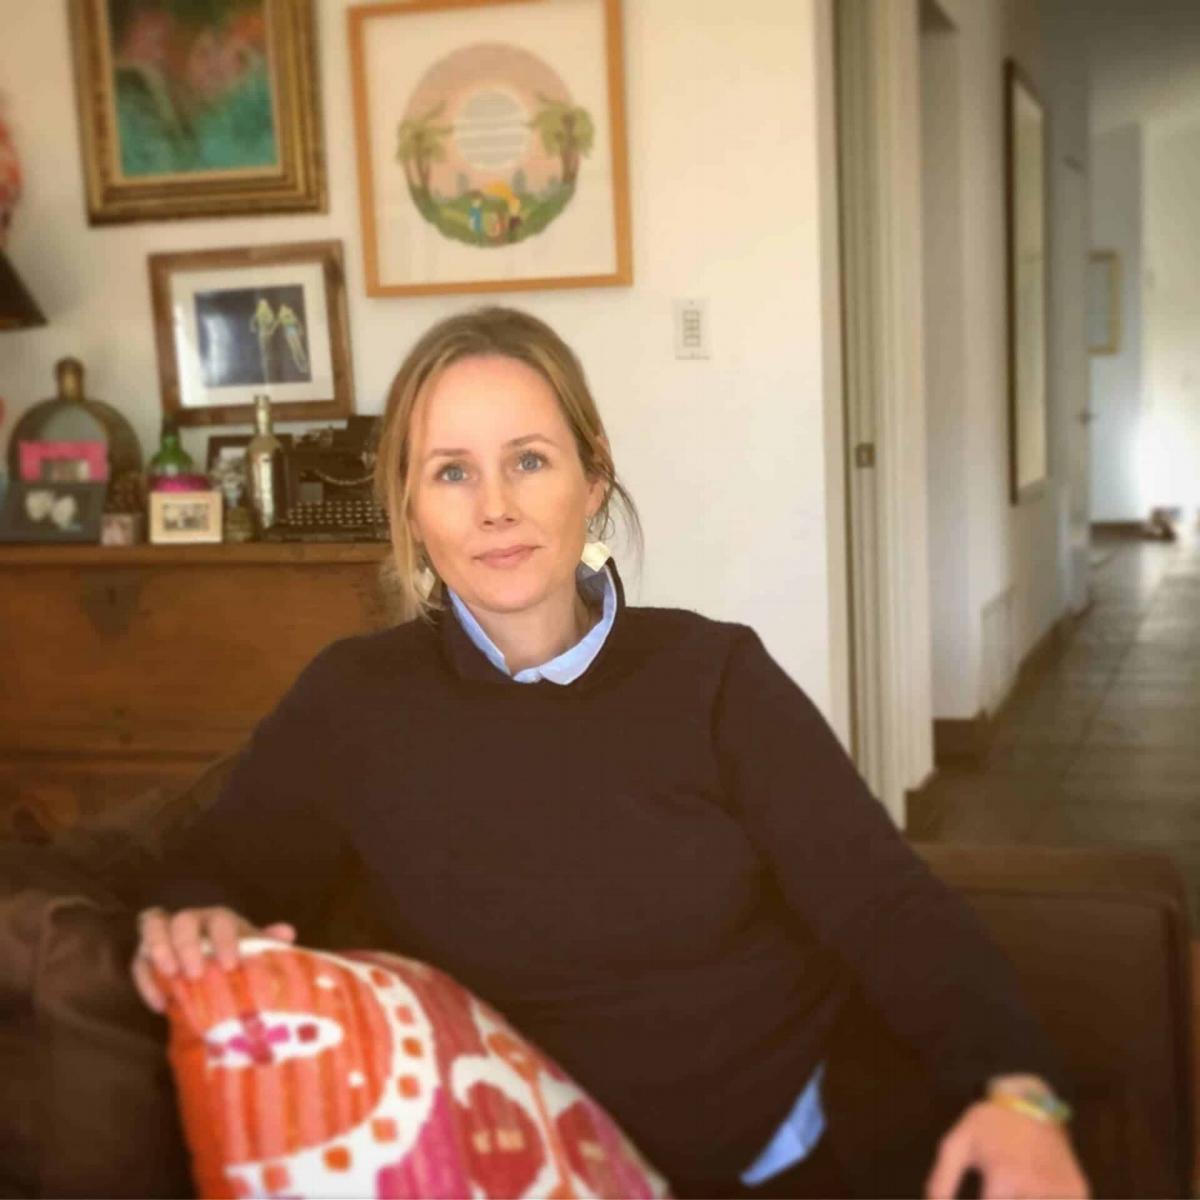 Lindsay Kavet